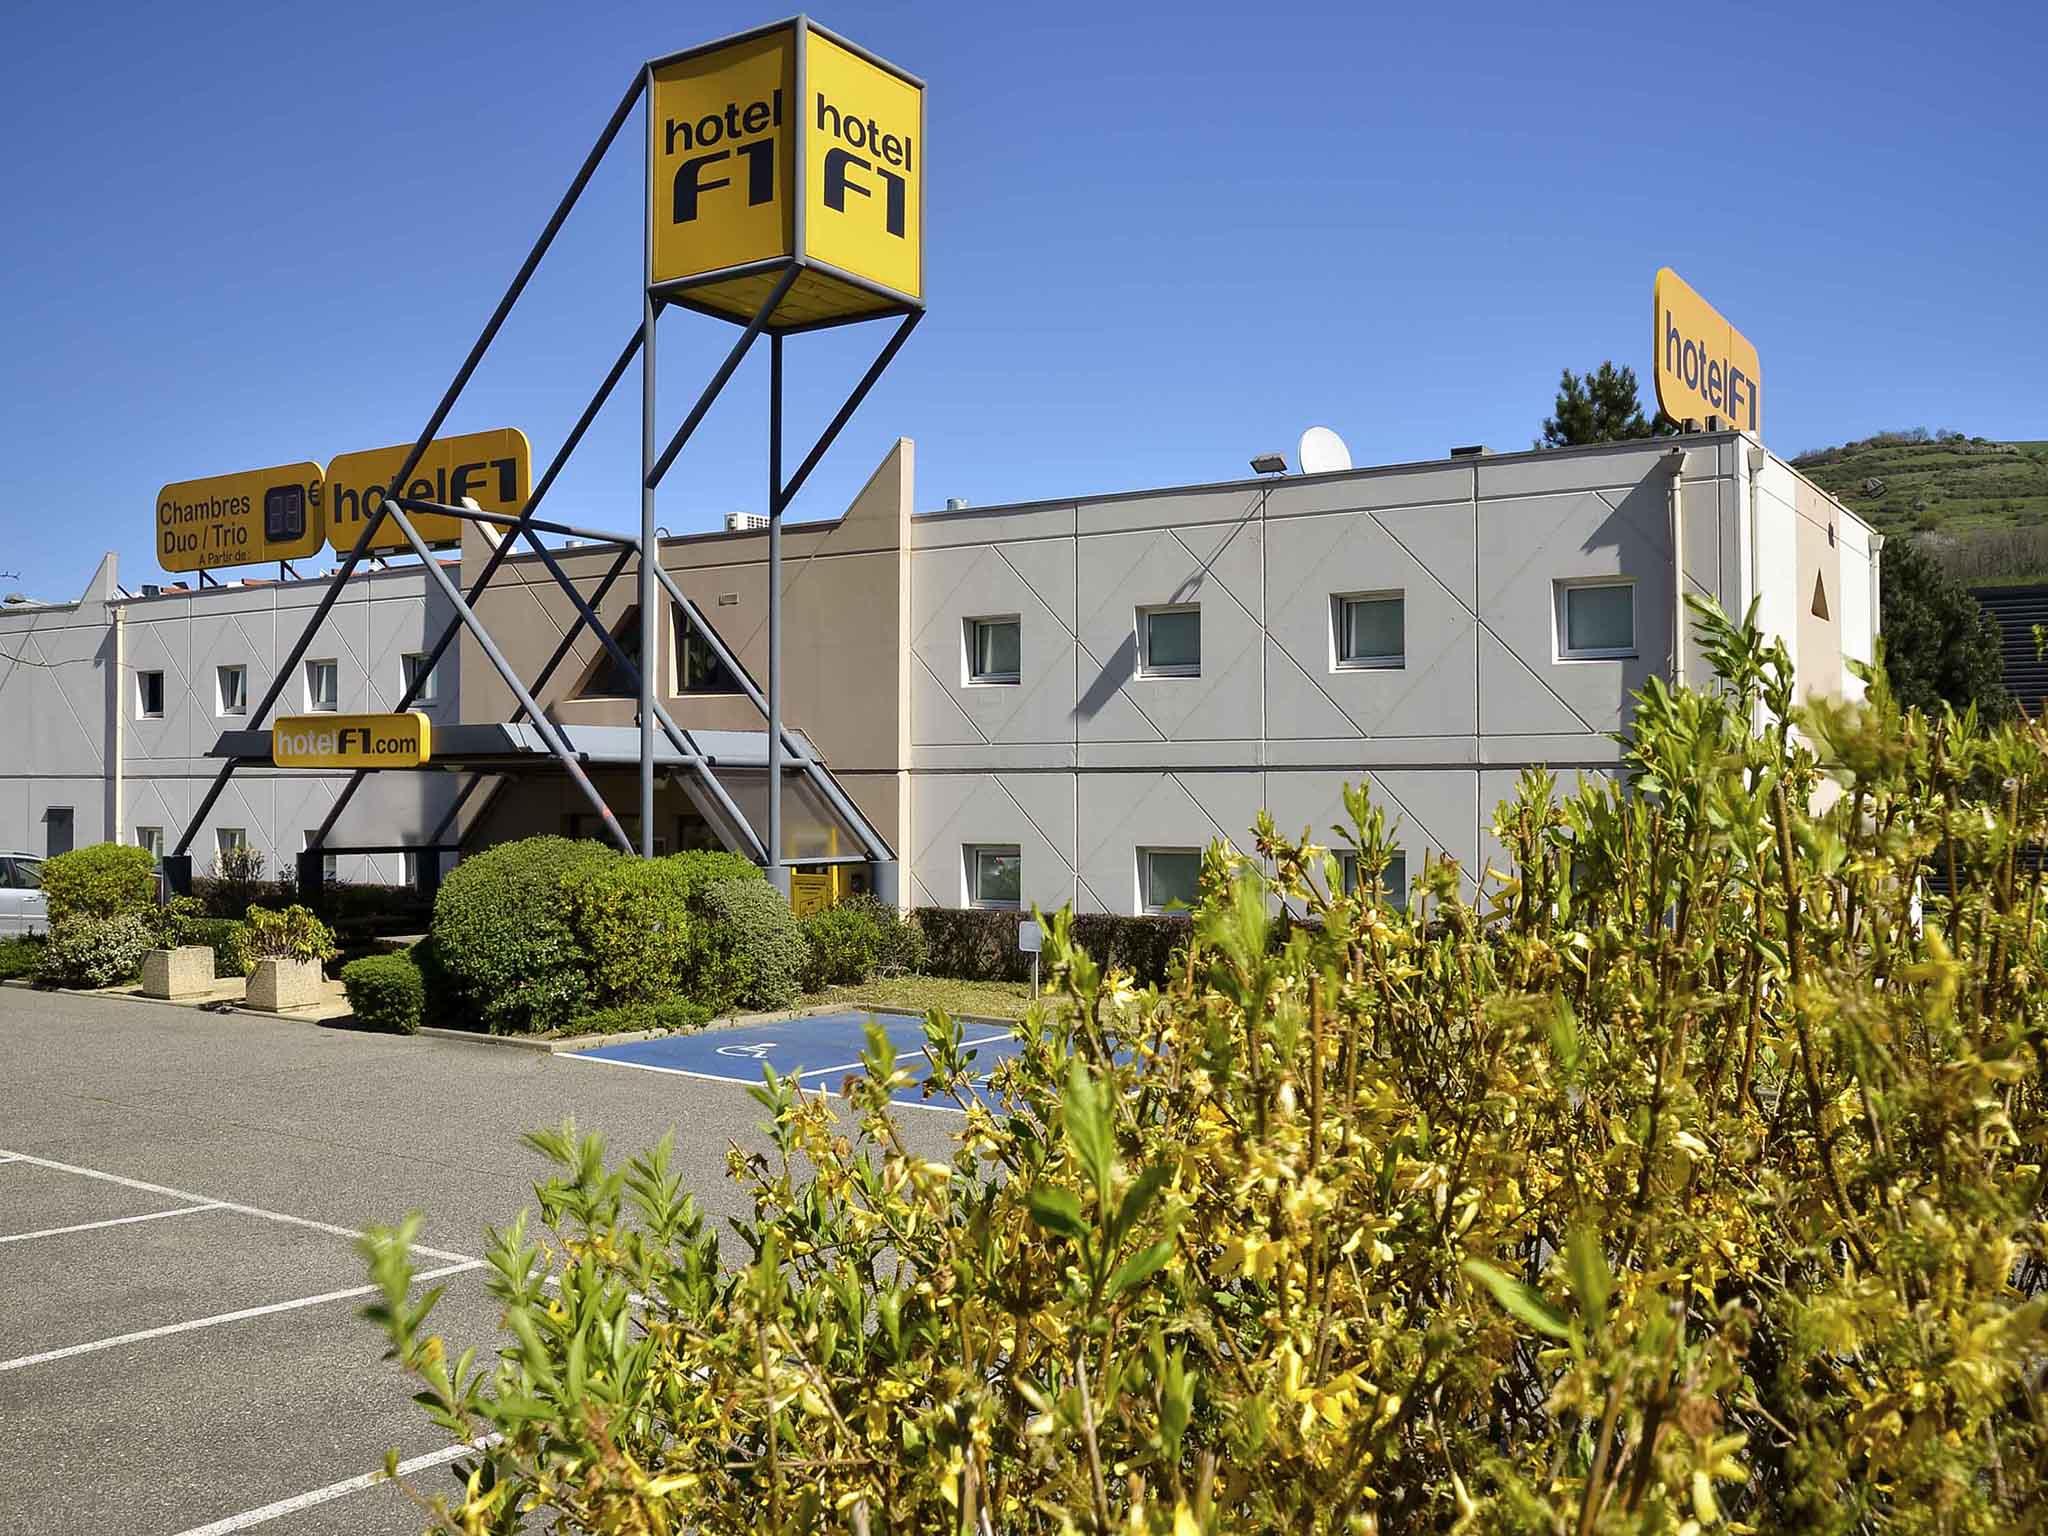 โรงแรม – hotelF1 Clermont-Ferrand Issoire Coudes